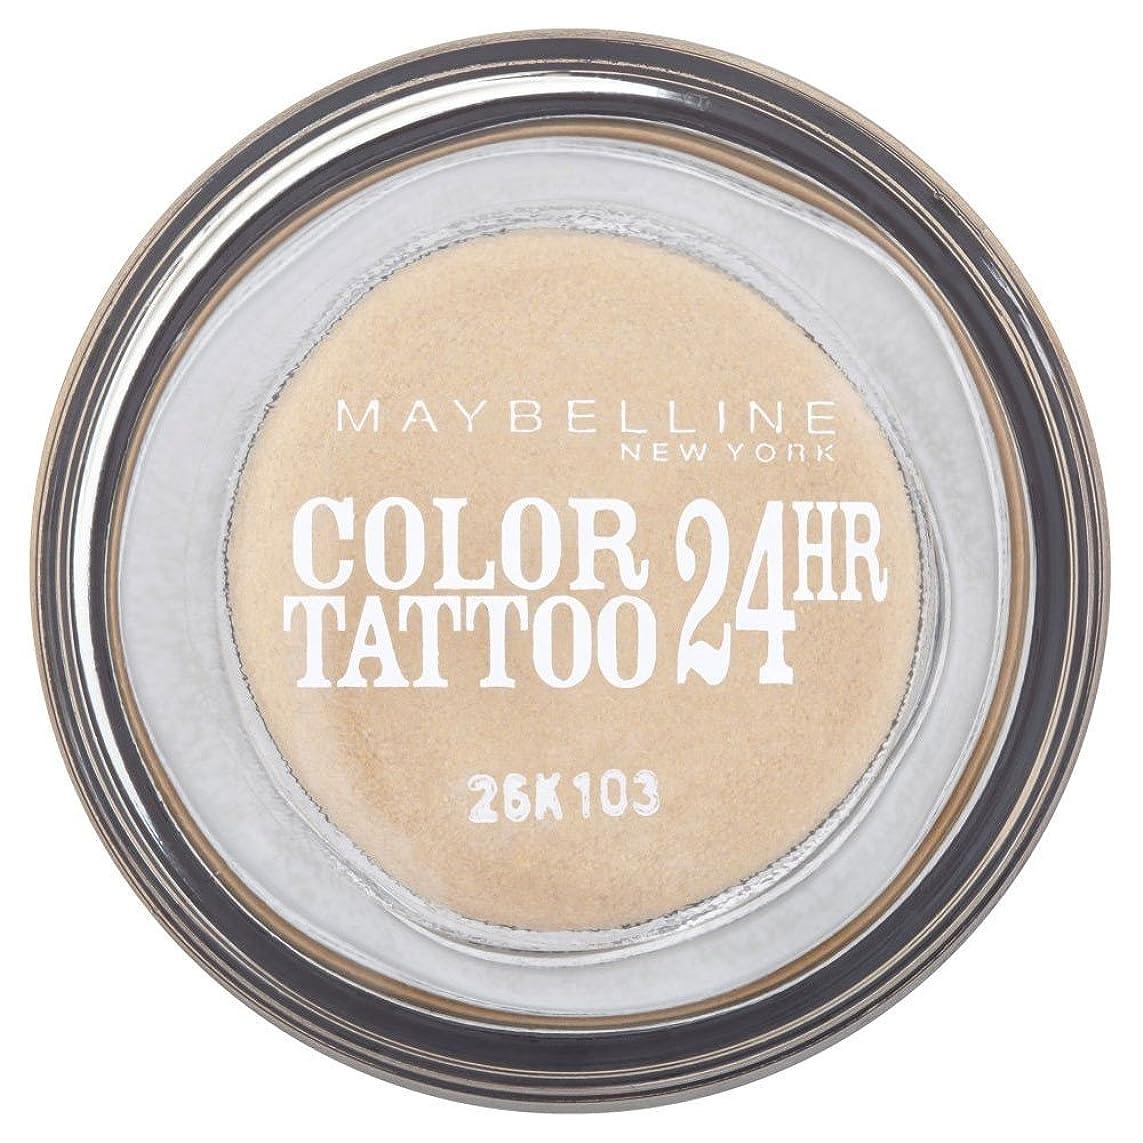 調整可能受け入れささやきMaybelline Eye Studio Color Tattoo 24hr Eye Shadow - Eternal Gold メイベリンアイスタジオカラータトゥー24時間アイシャドウ - 永遠の金 [並行輸入品]